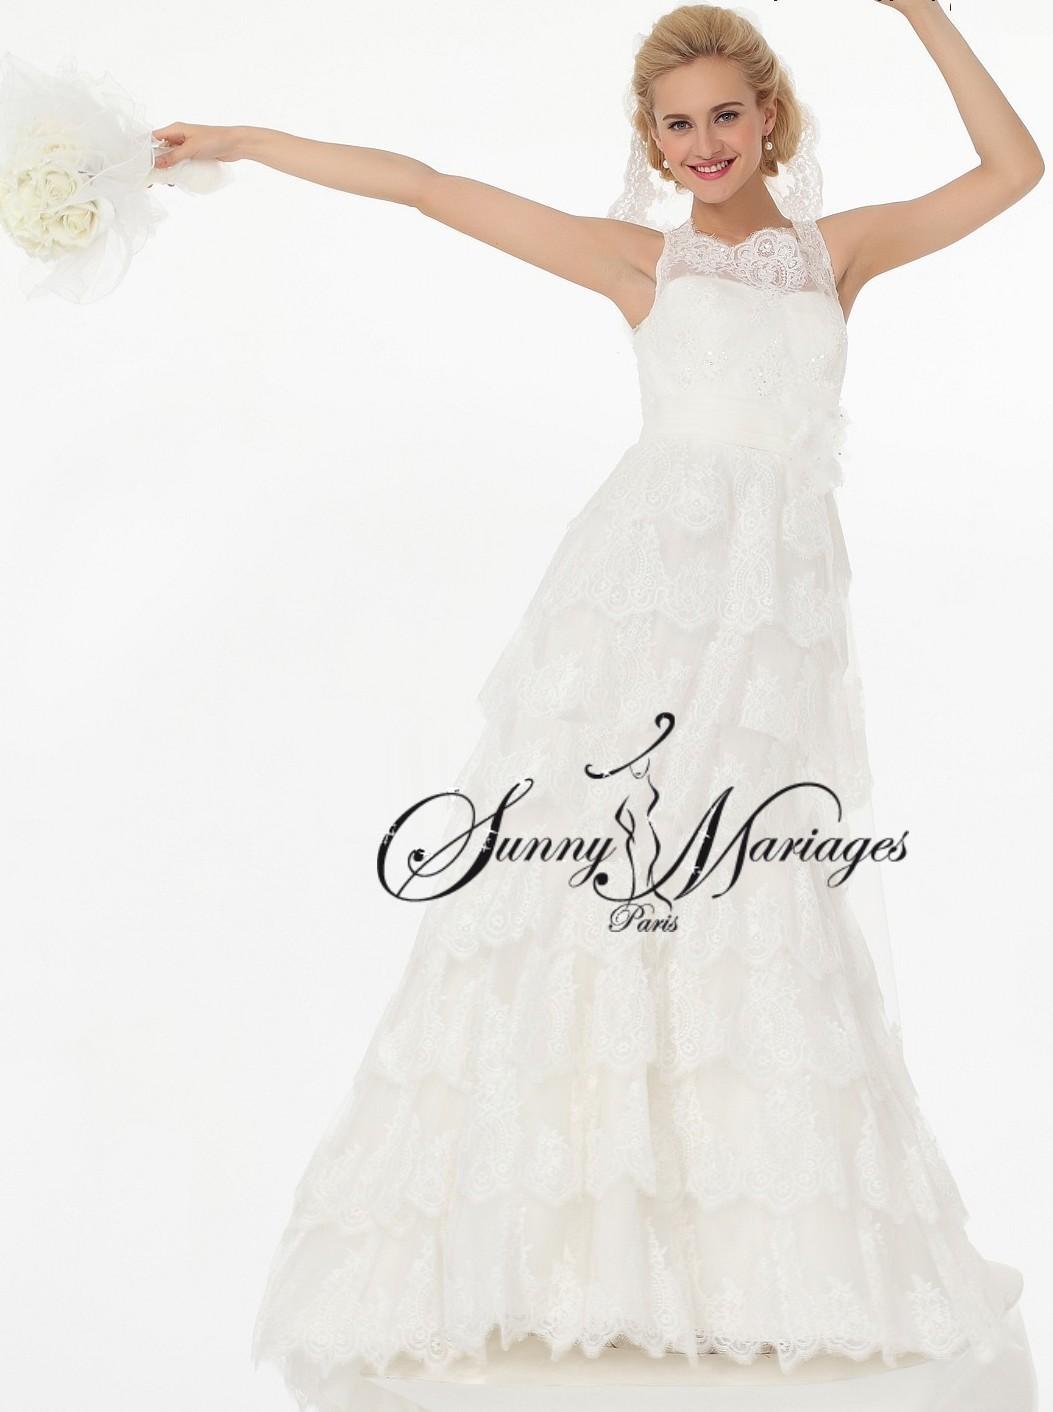 ... Mariage » robe de mariée » robe de mariée dentelle « Satinette